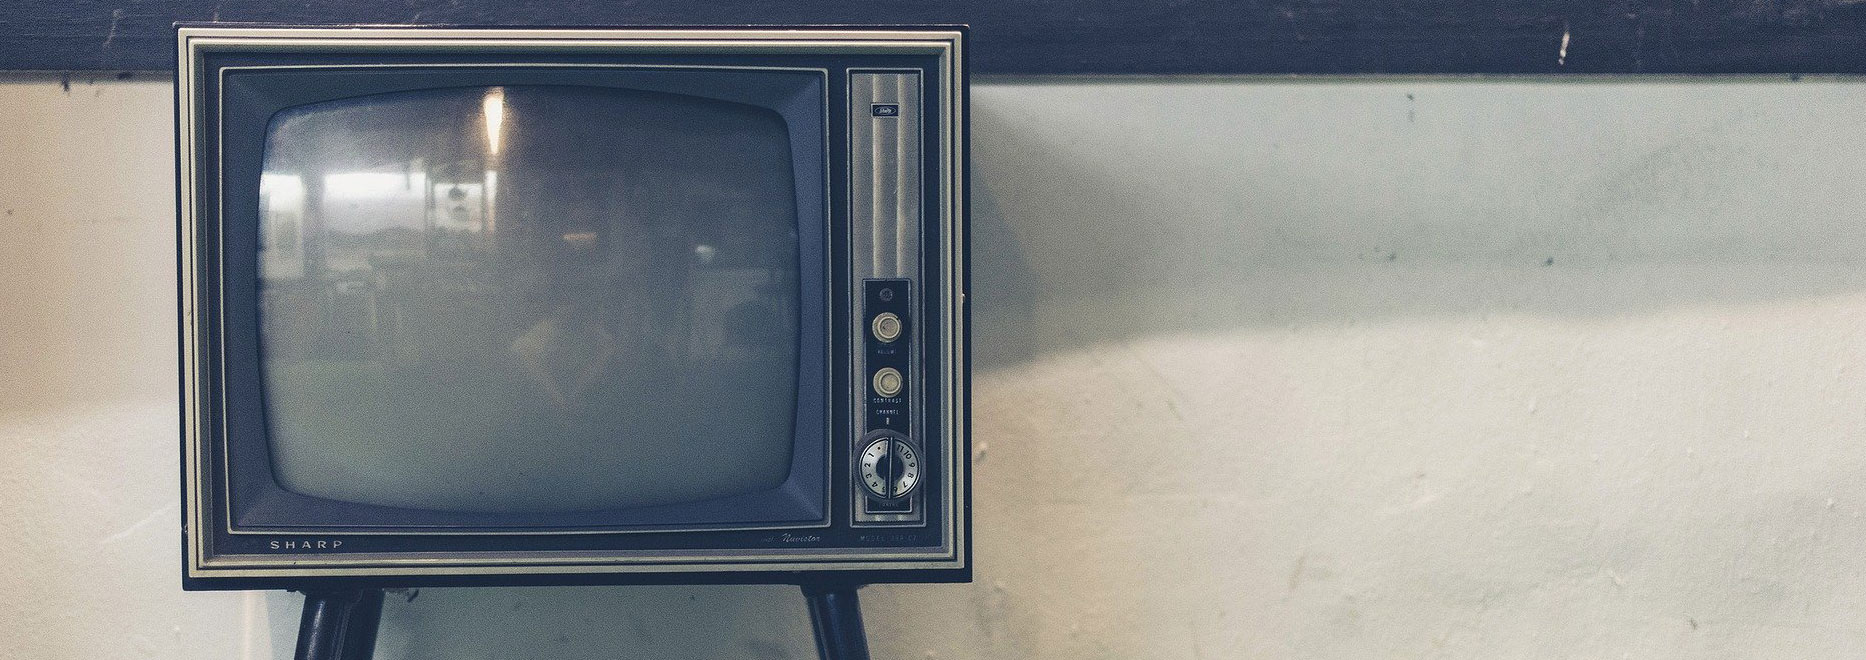 Illustration : Téléviseur catodique